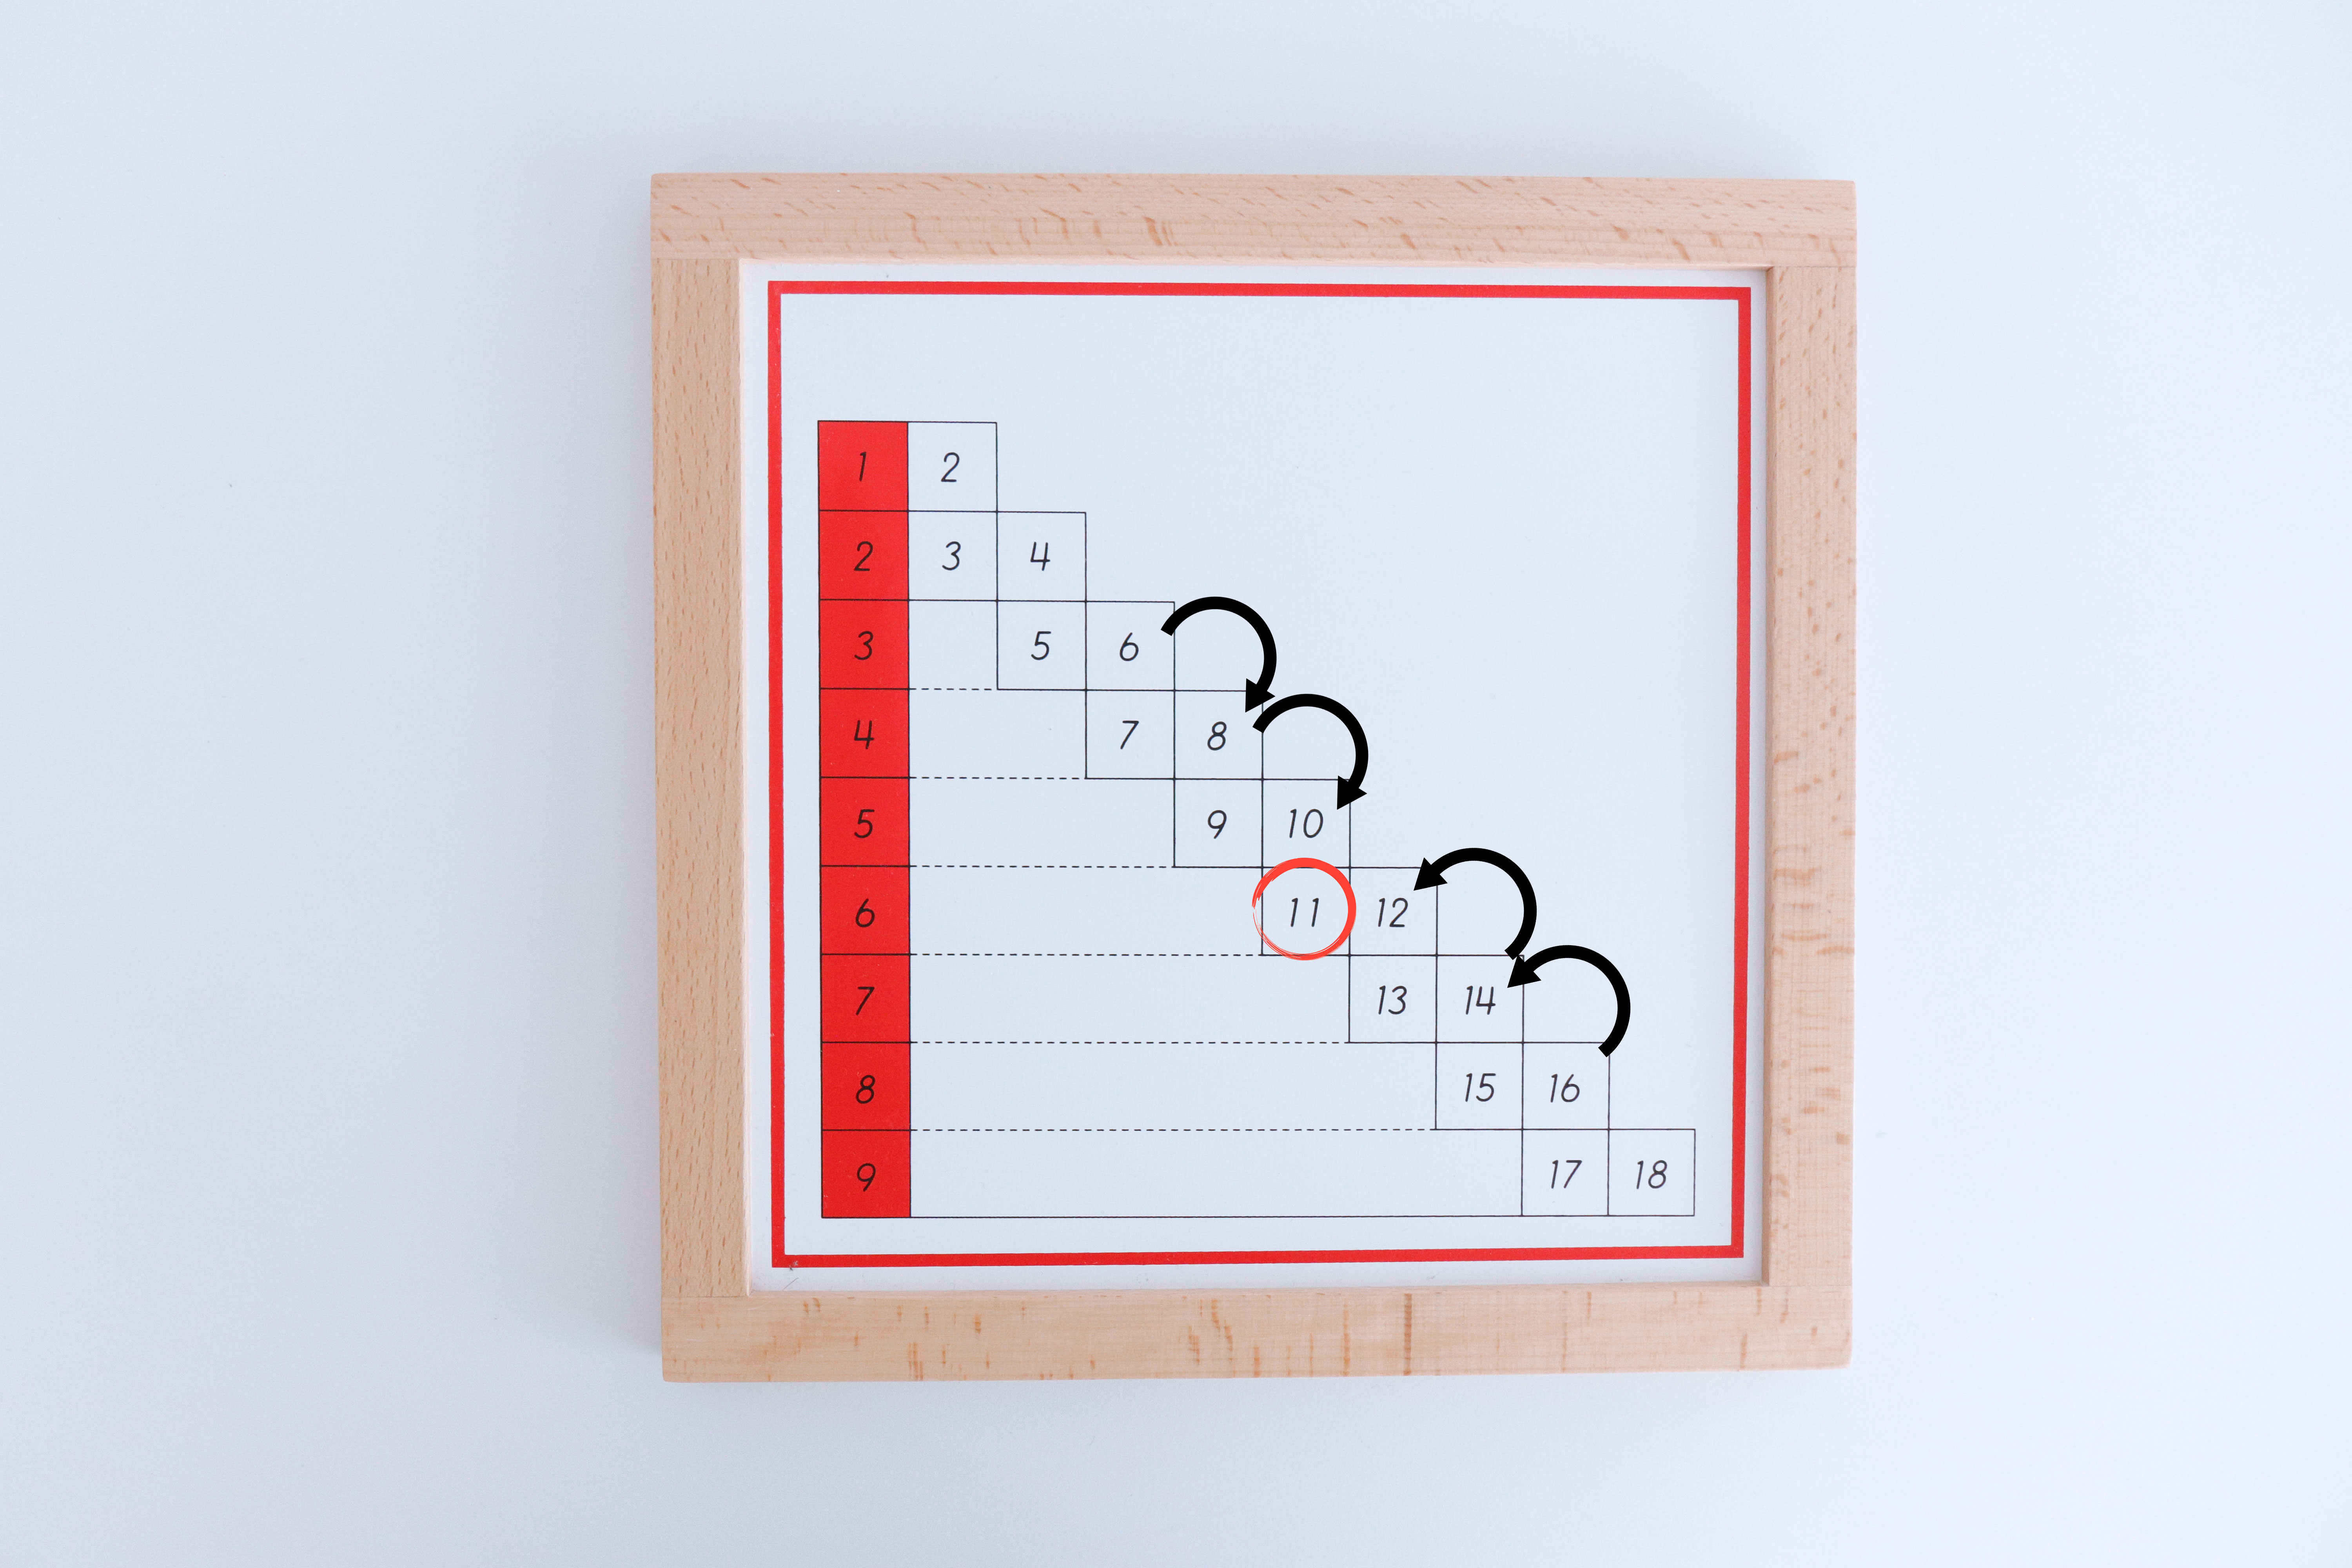 tabla-de-dedos-de-la-suma-montessori-y-tabla-de-control-89